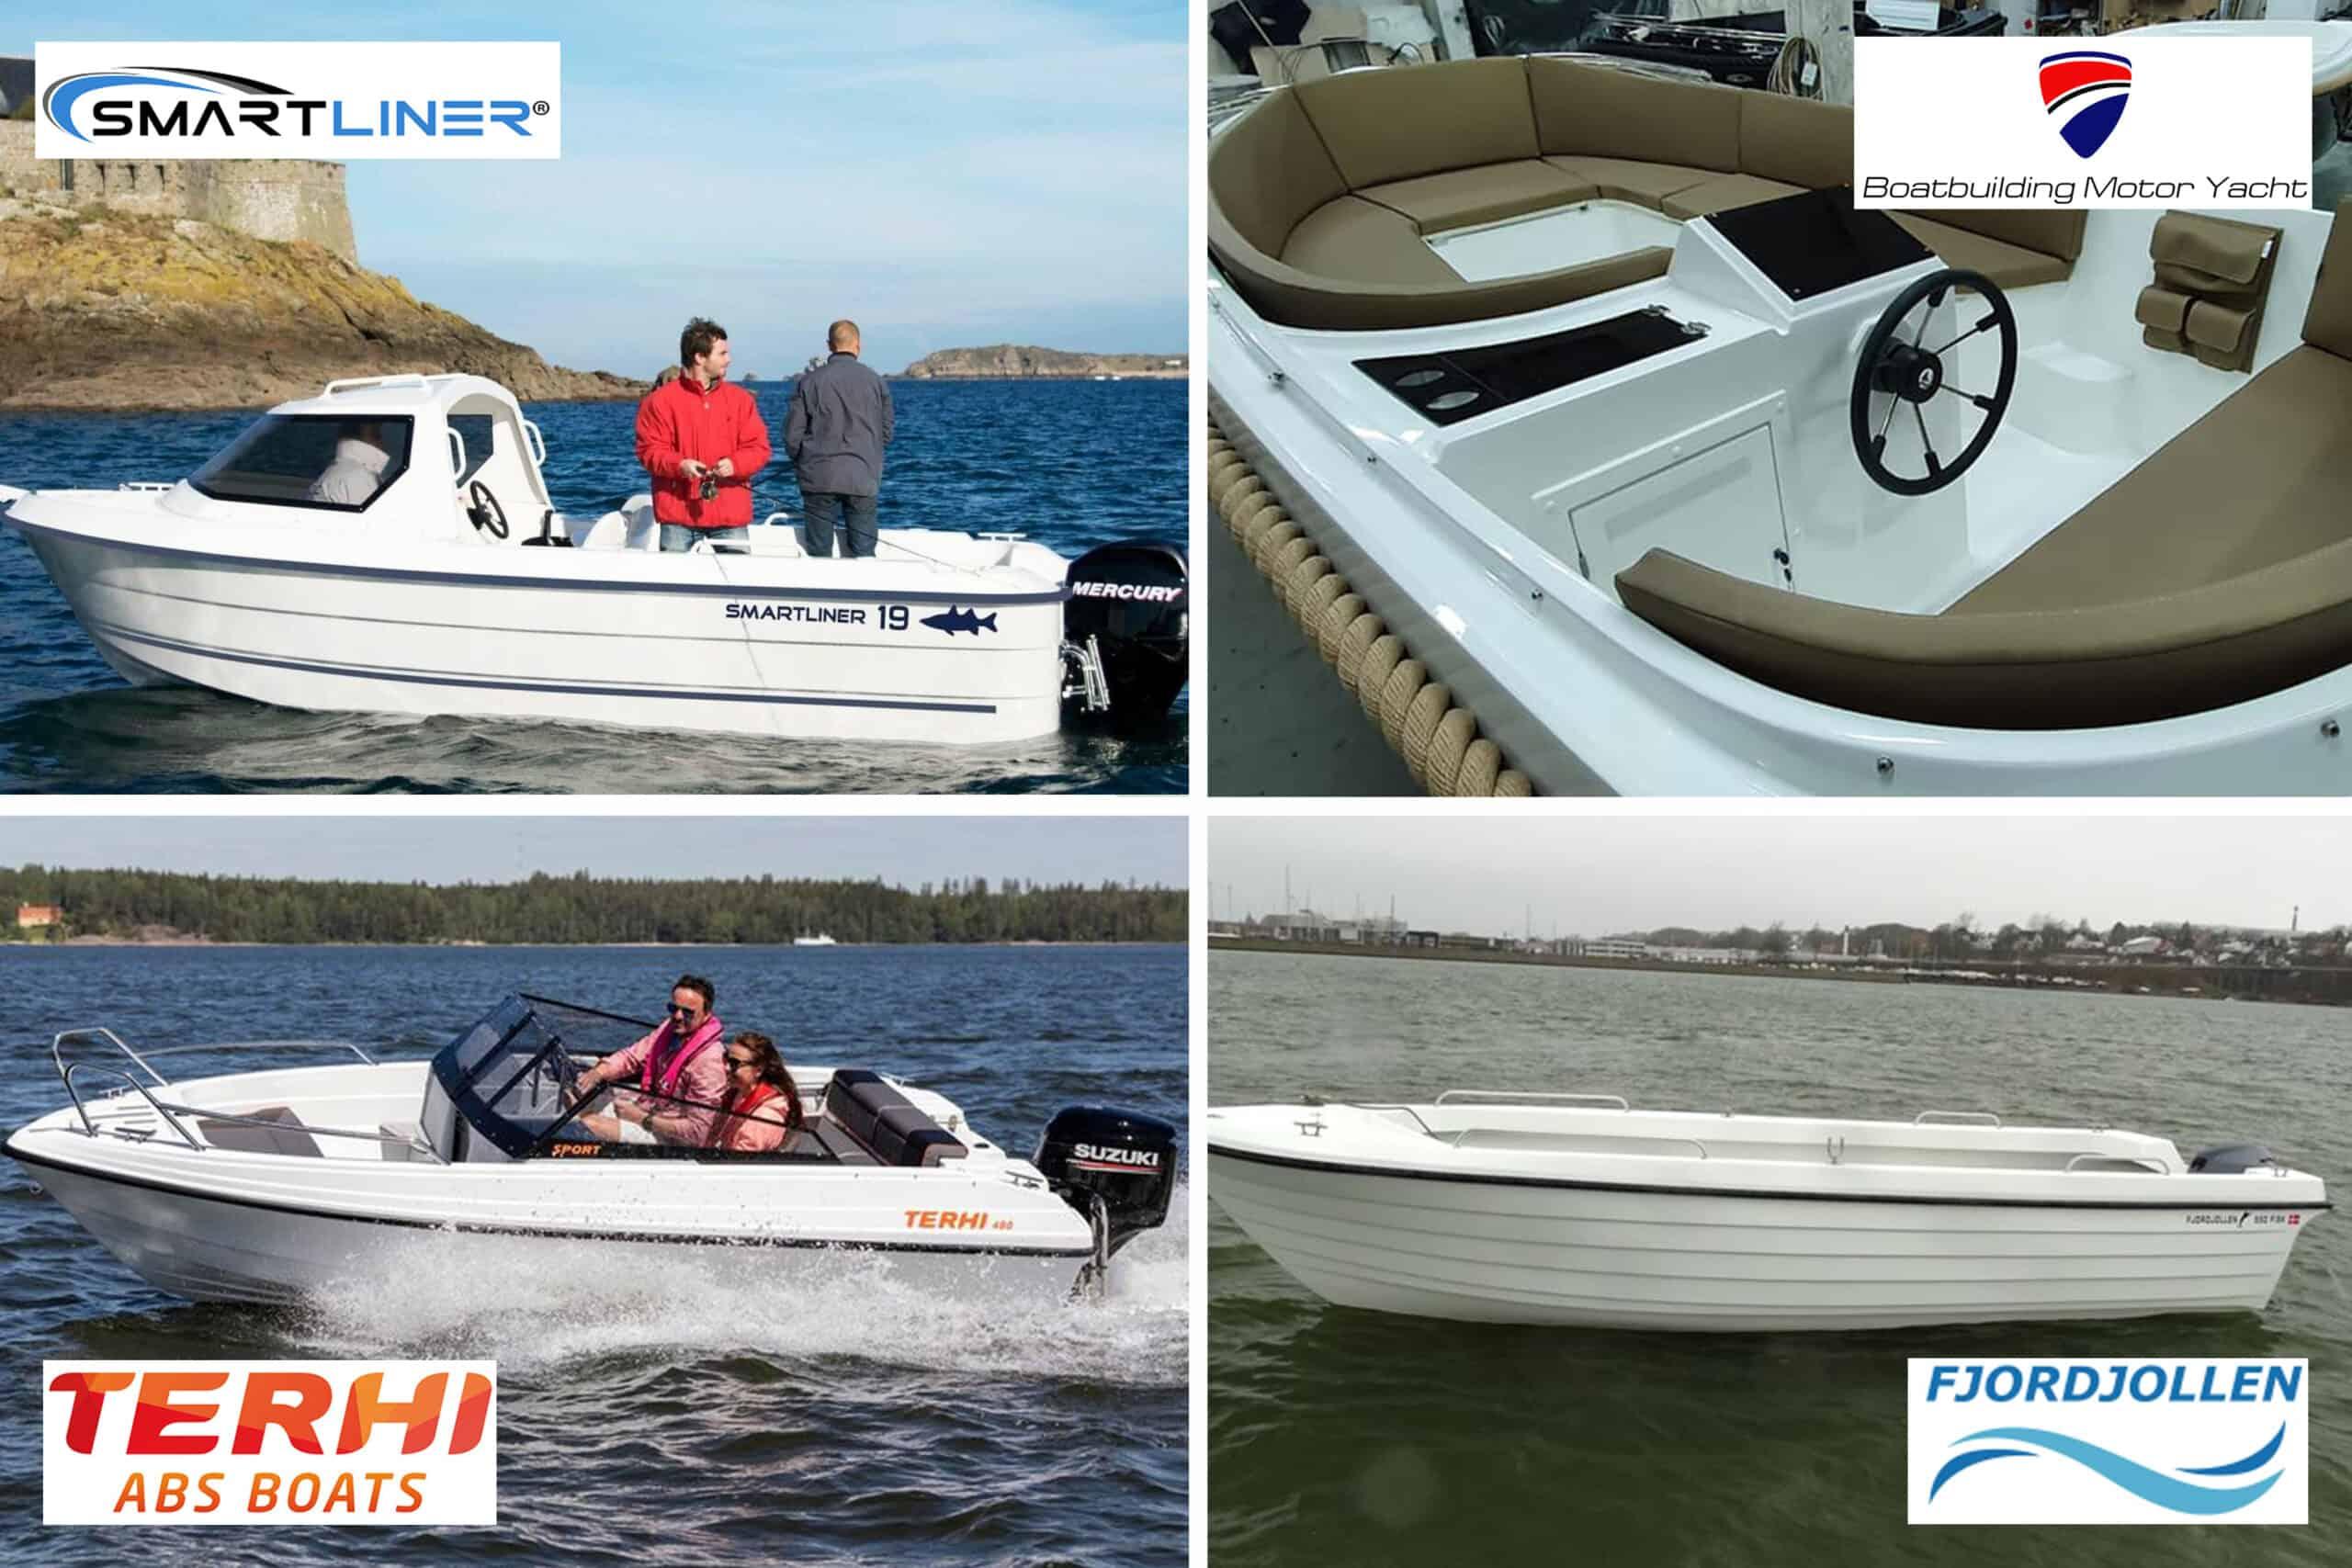 Nye både til salg